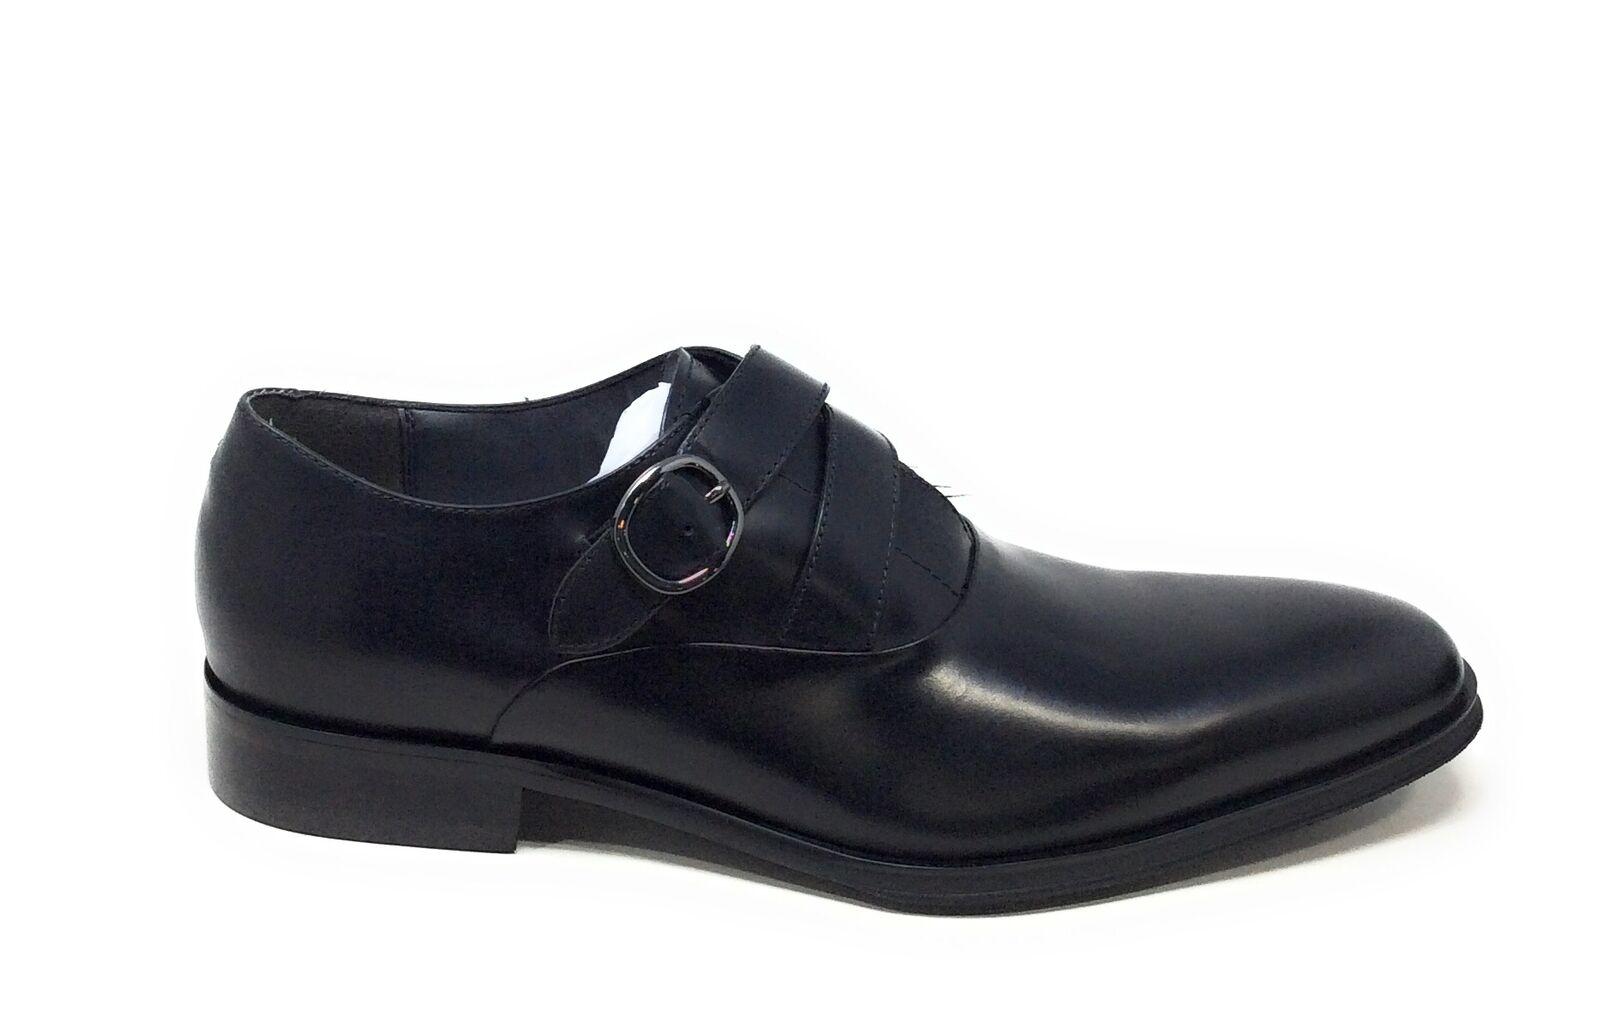 Aldo Herren Yohanane Oxford Kleid Schuhe Mönch Riemen Schwarz Leder Größe 8 M US